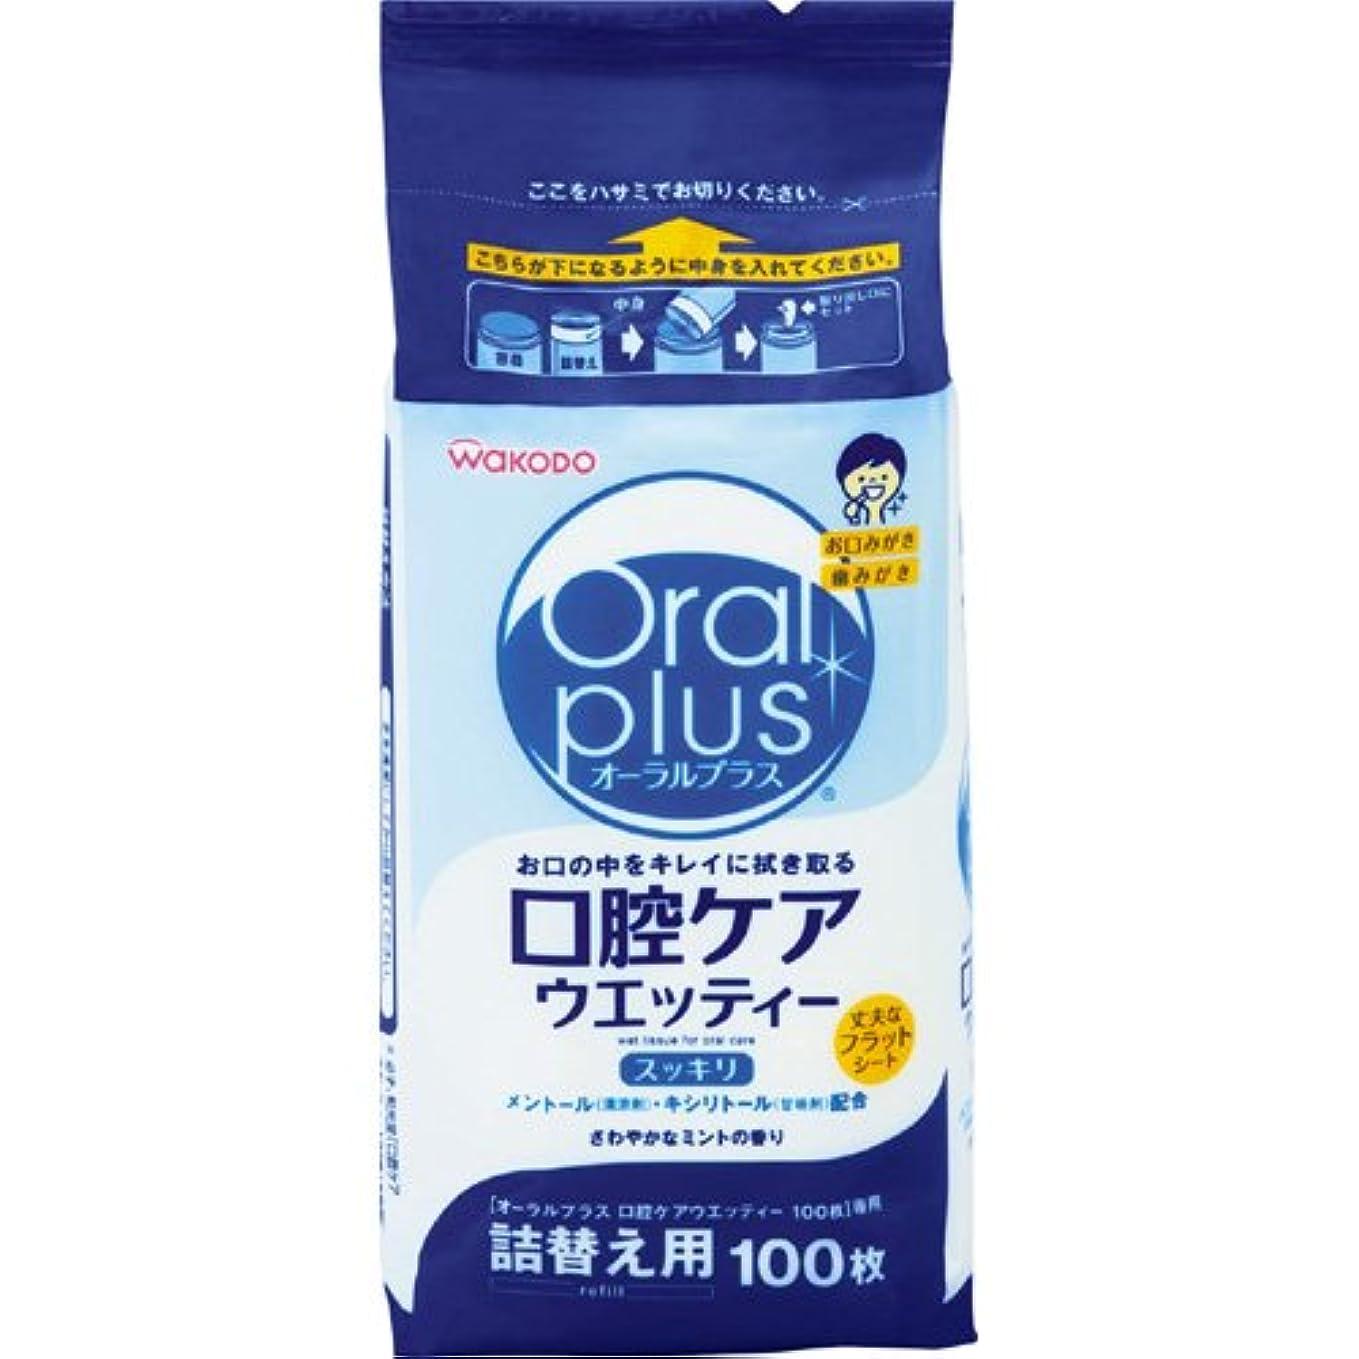 地元ウイルス任命オーラルプラス 口腔ケアウエッティー ミントの香り 詰替え用 100枚 1ケース(12個入)